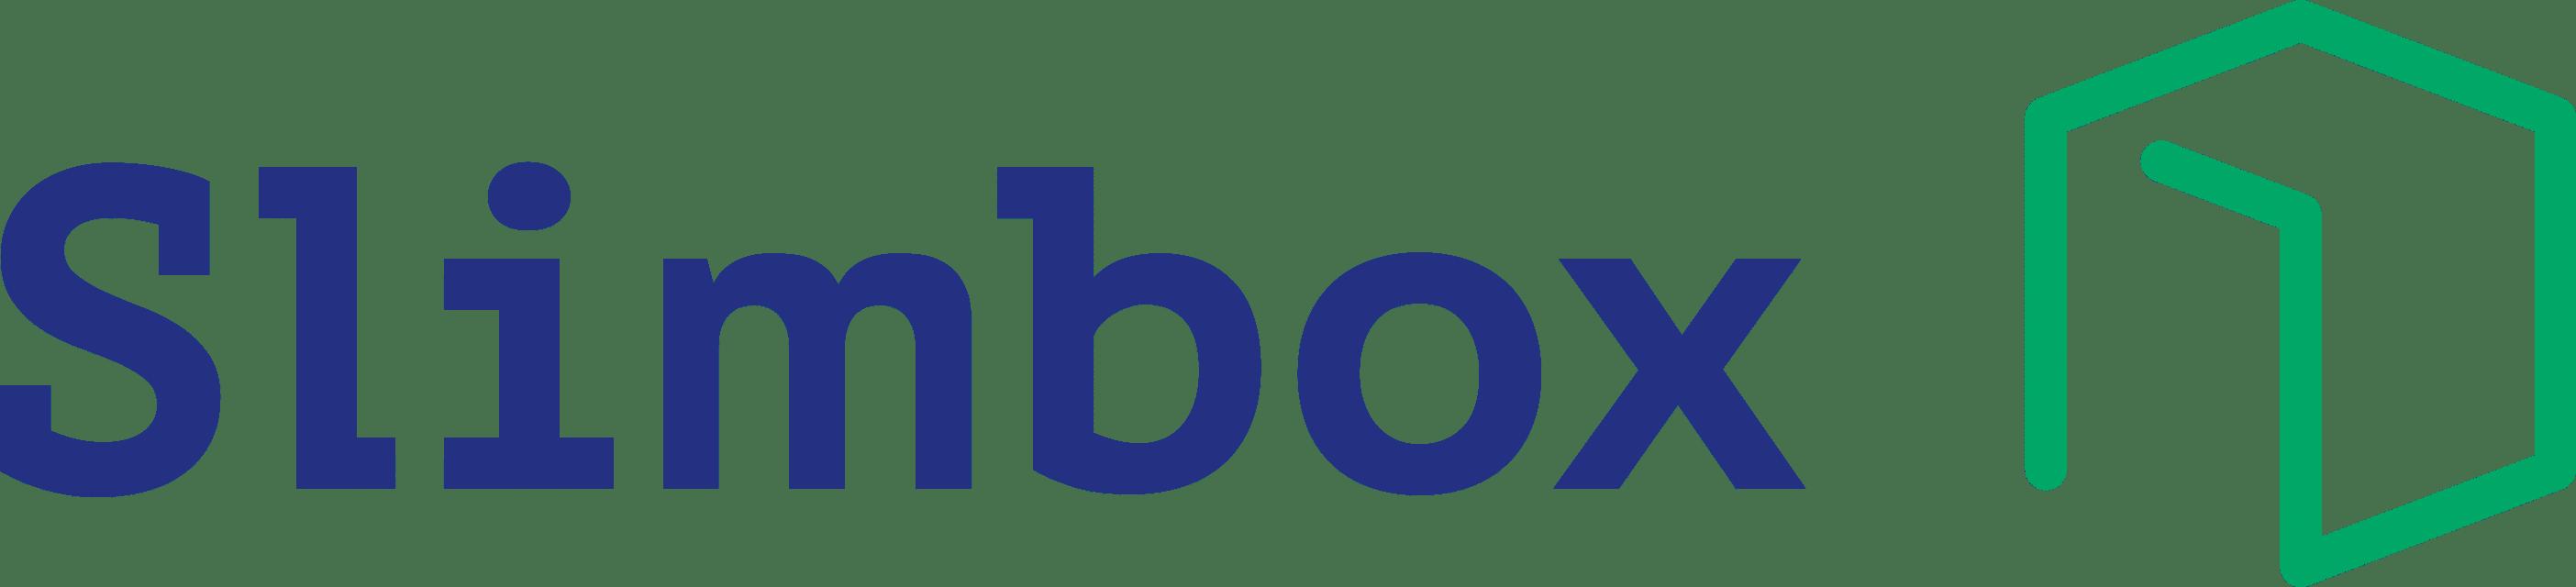 Slimbox